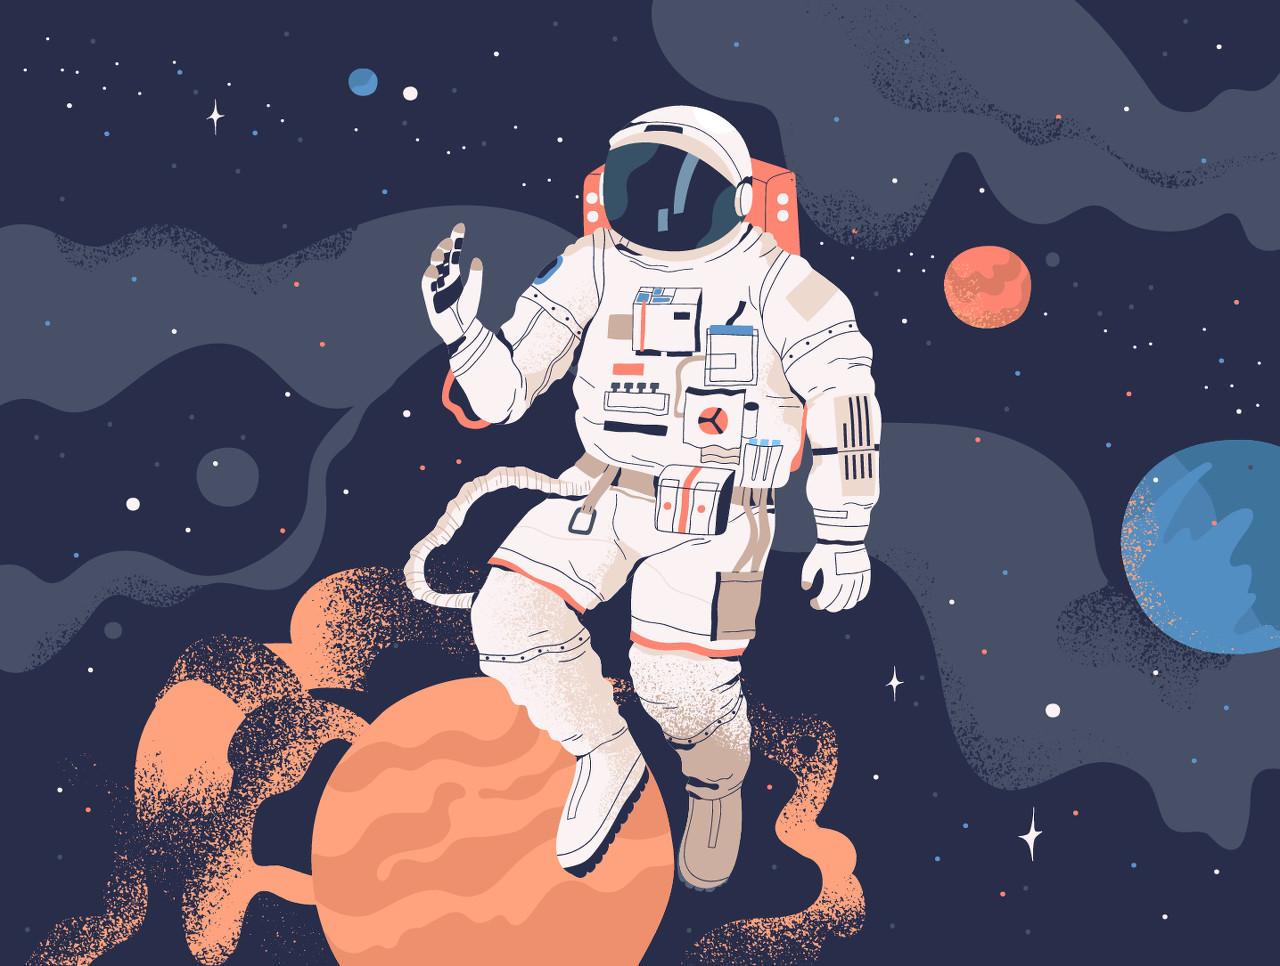 航天员在太空是怎么睡觉的